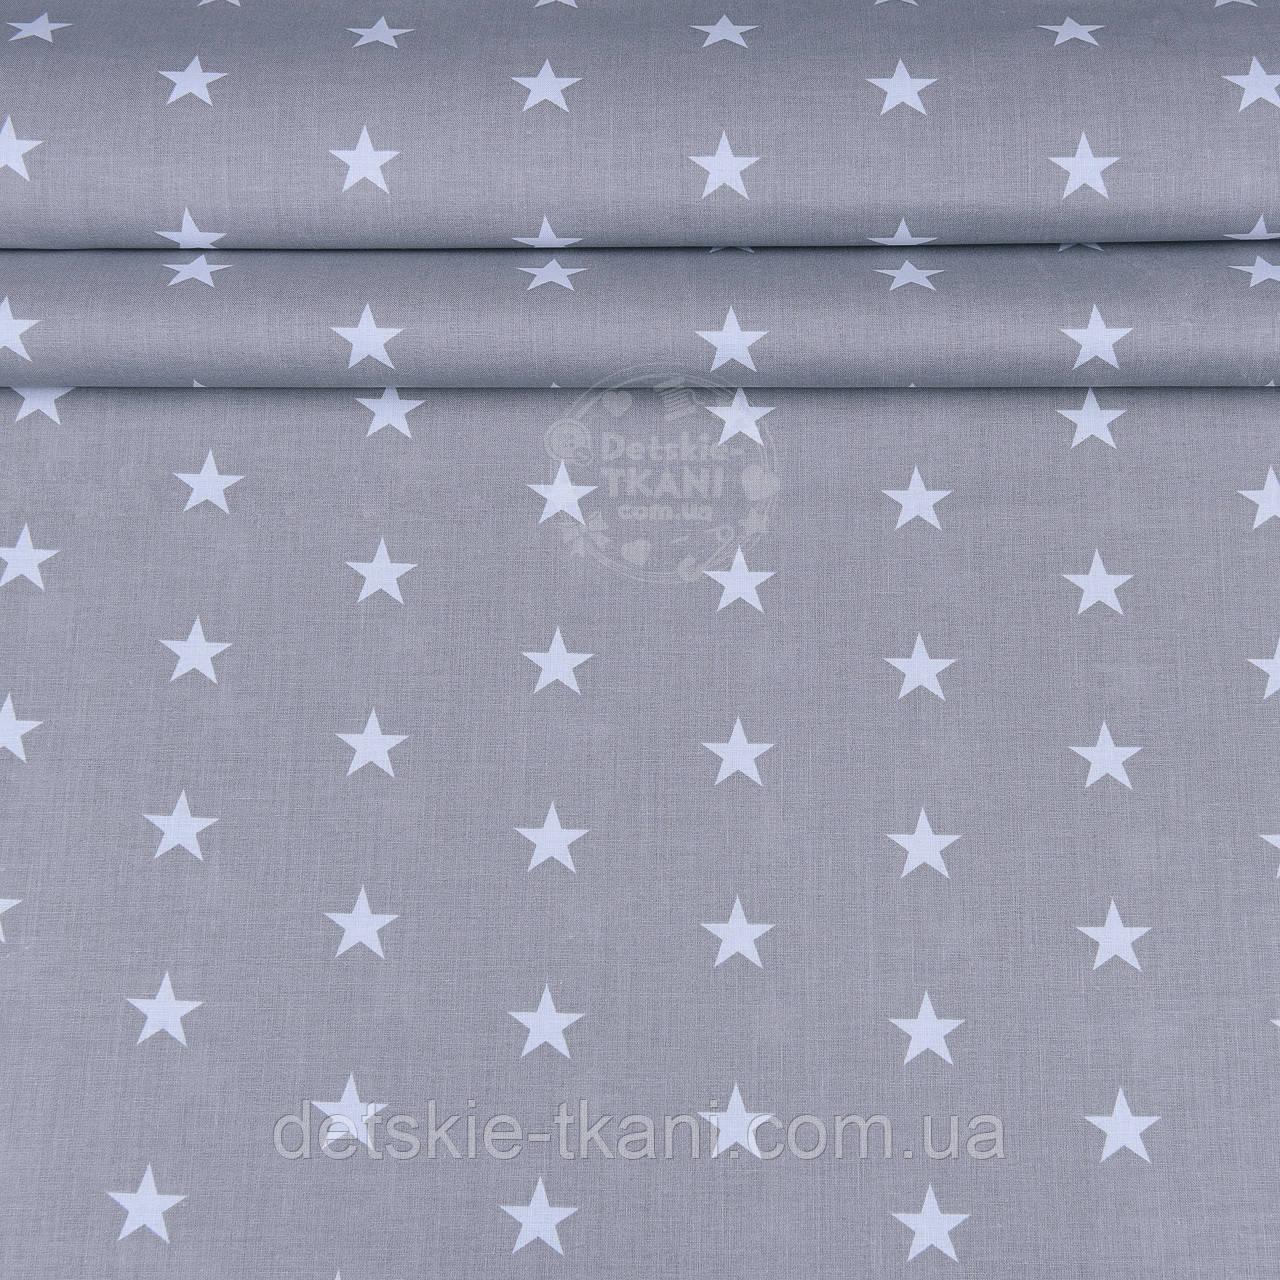 Ткань ранфорс шириной 220 см с белыми звёздочками на сером фоне, (№1215)